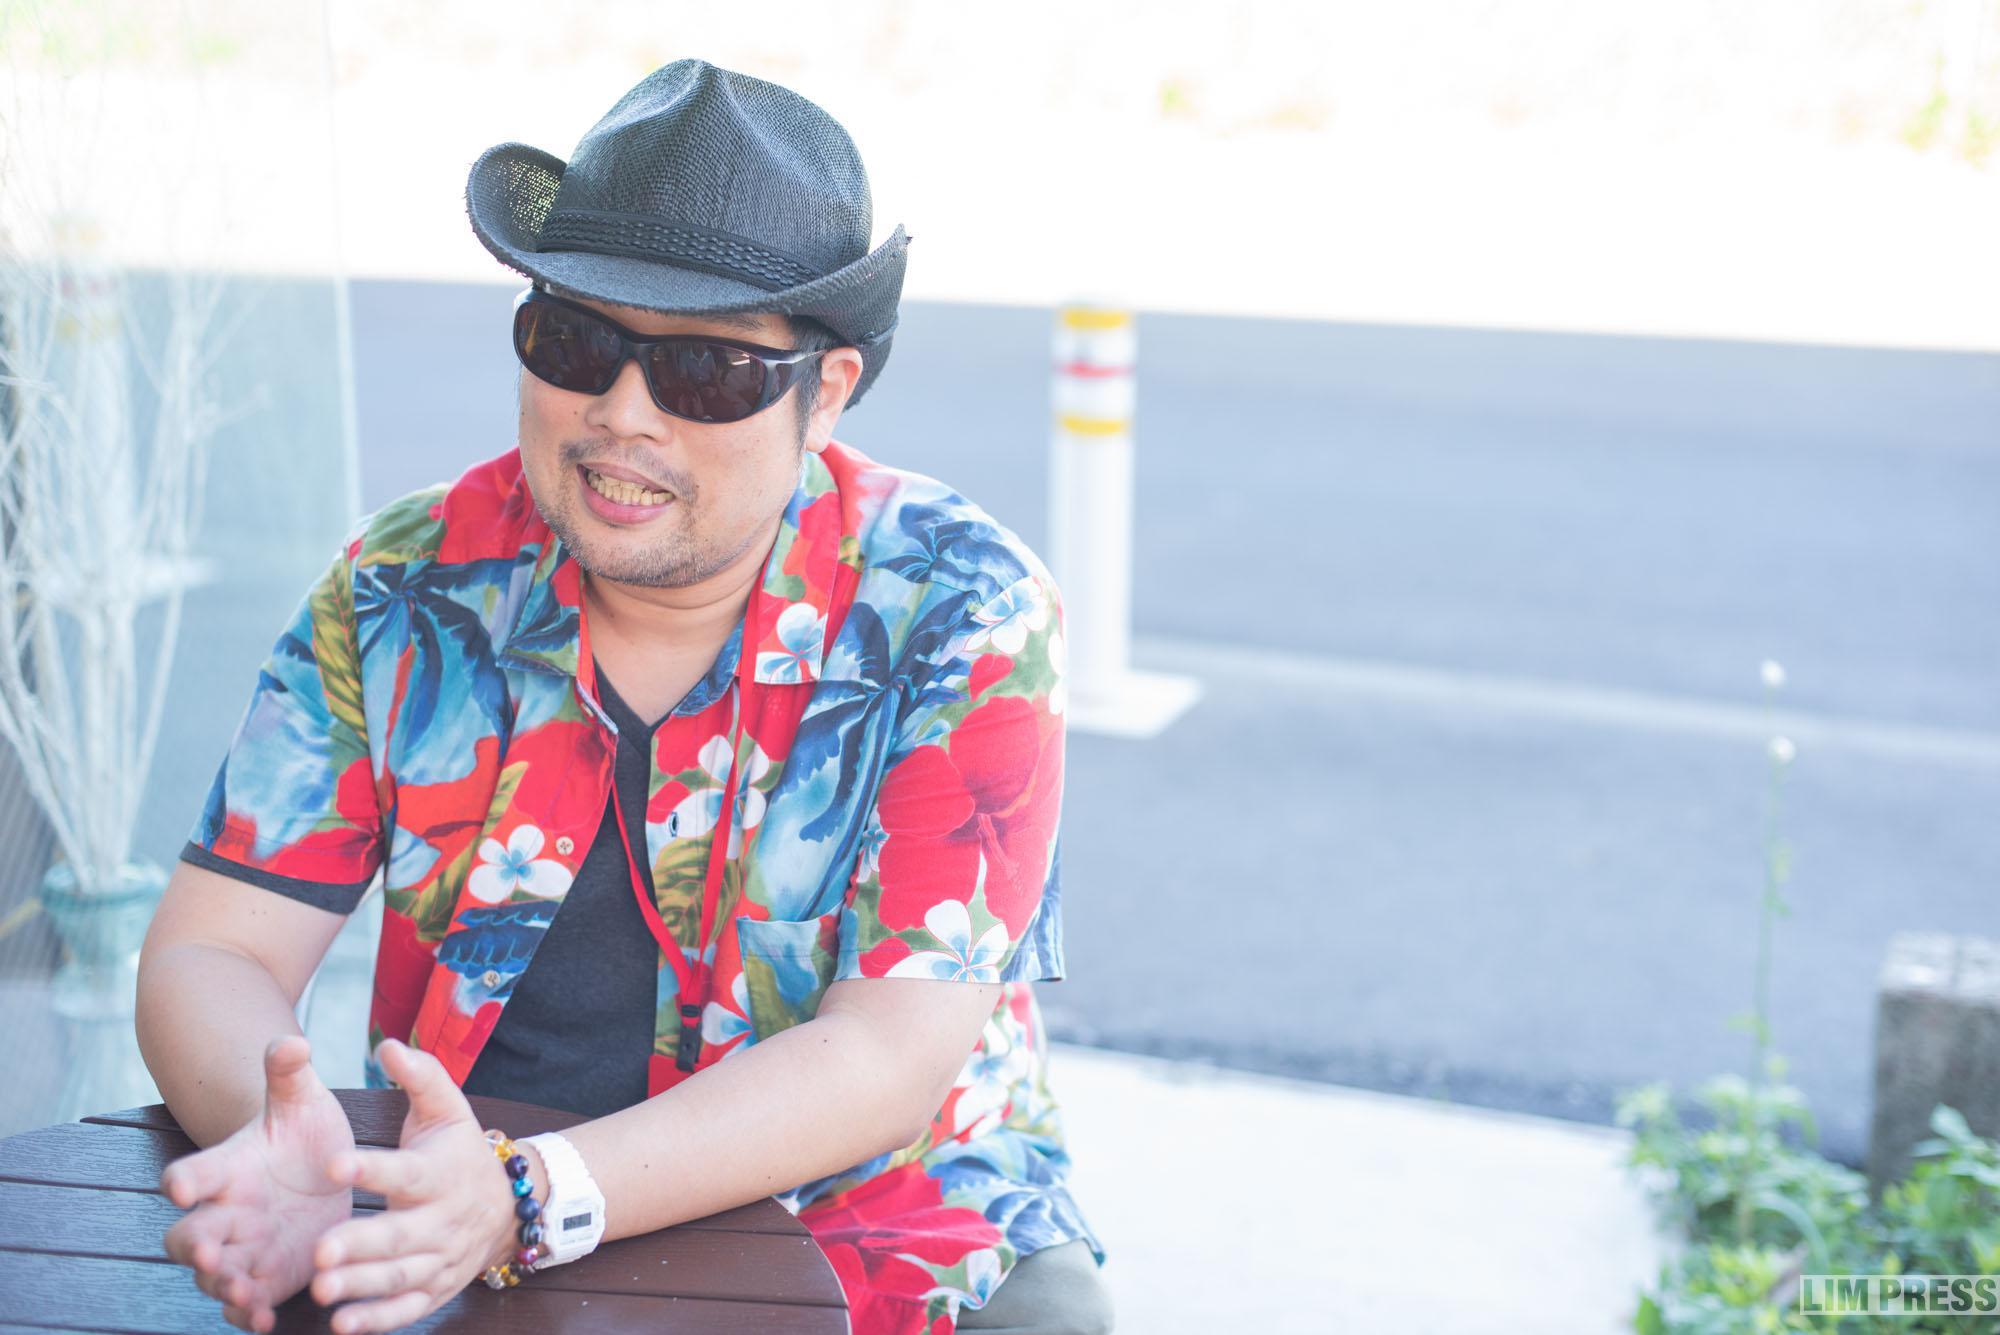 桑田研究会バンドやのっちインタビュー / 「サザンオールスターズの次に好きなバンドは……?」